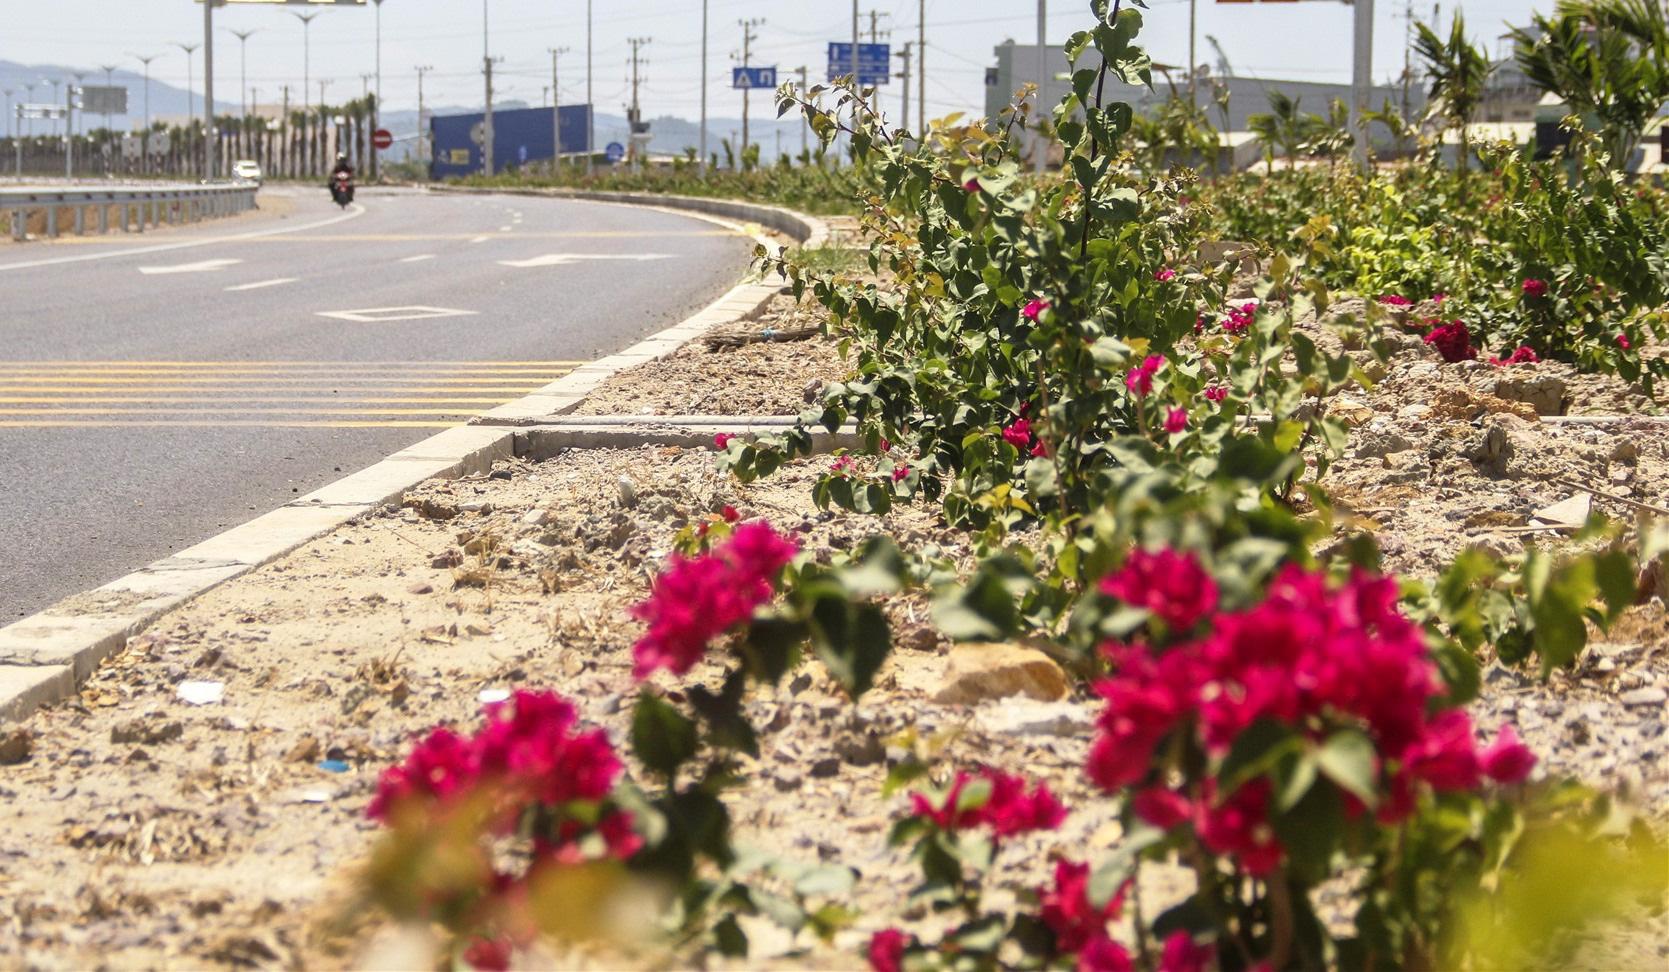 3.000 cây hoa giấy bị nhổ trên quốc lộ: Có thể khởi tố hình sự - Ảnh 2.